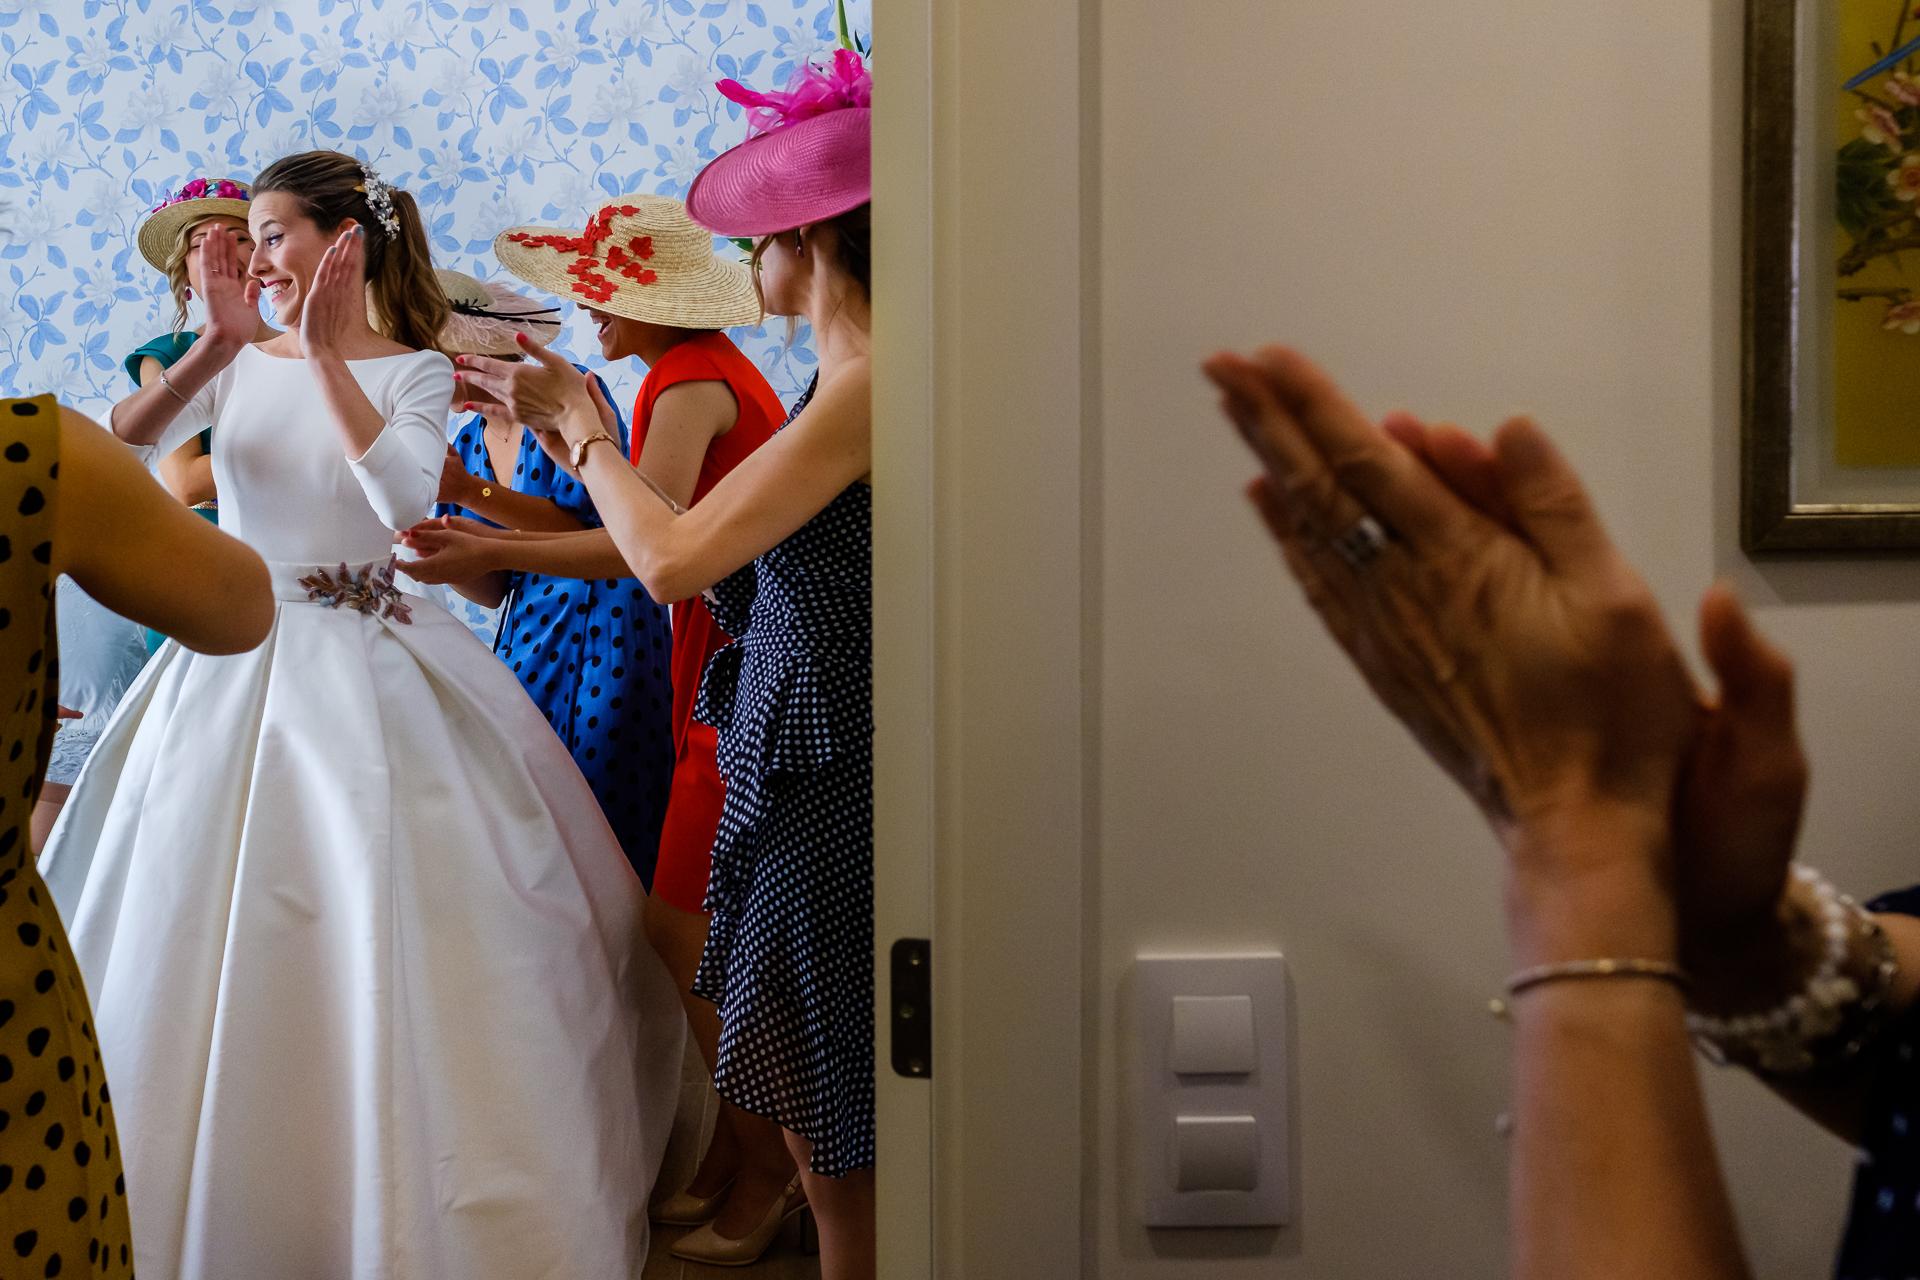 Les invités applaudissent la mariée dans cette image prête à l'emploi composée par un photographe de mariage de style documentaire.